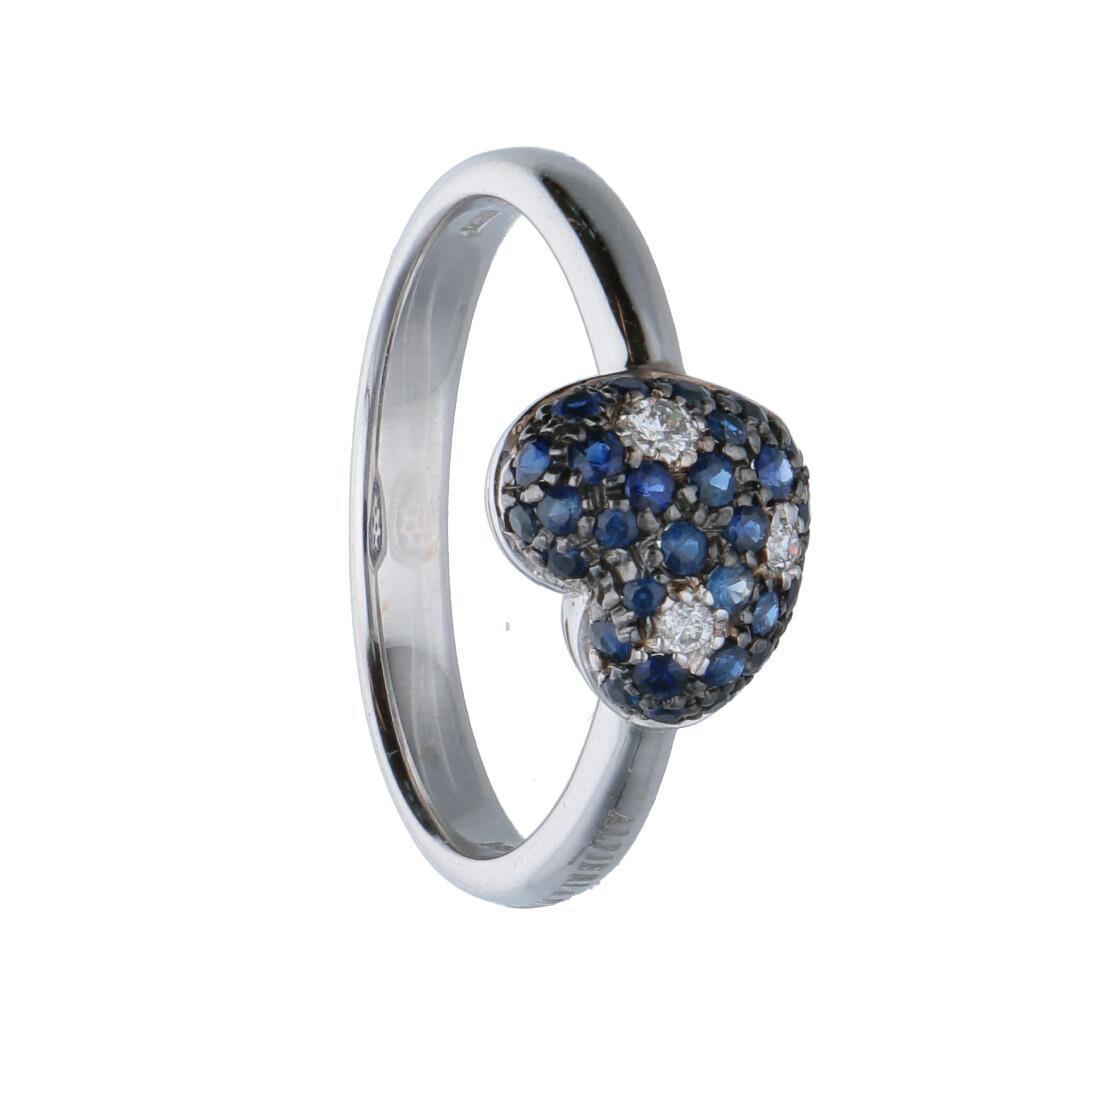 Anello in oro bianco con diamanti bianchi ct 0.06 e diamanti neri ct 0.44 e zaffiri, misura 15 - ALFIERI & ST. JOHN